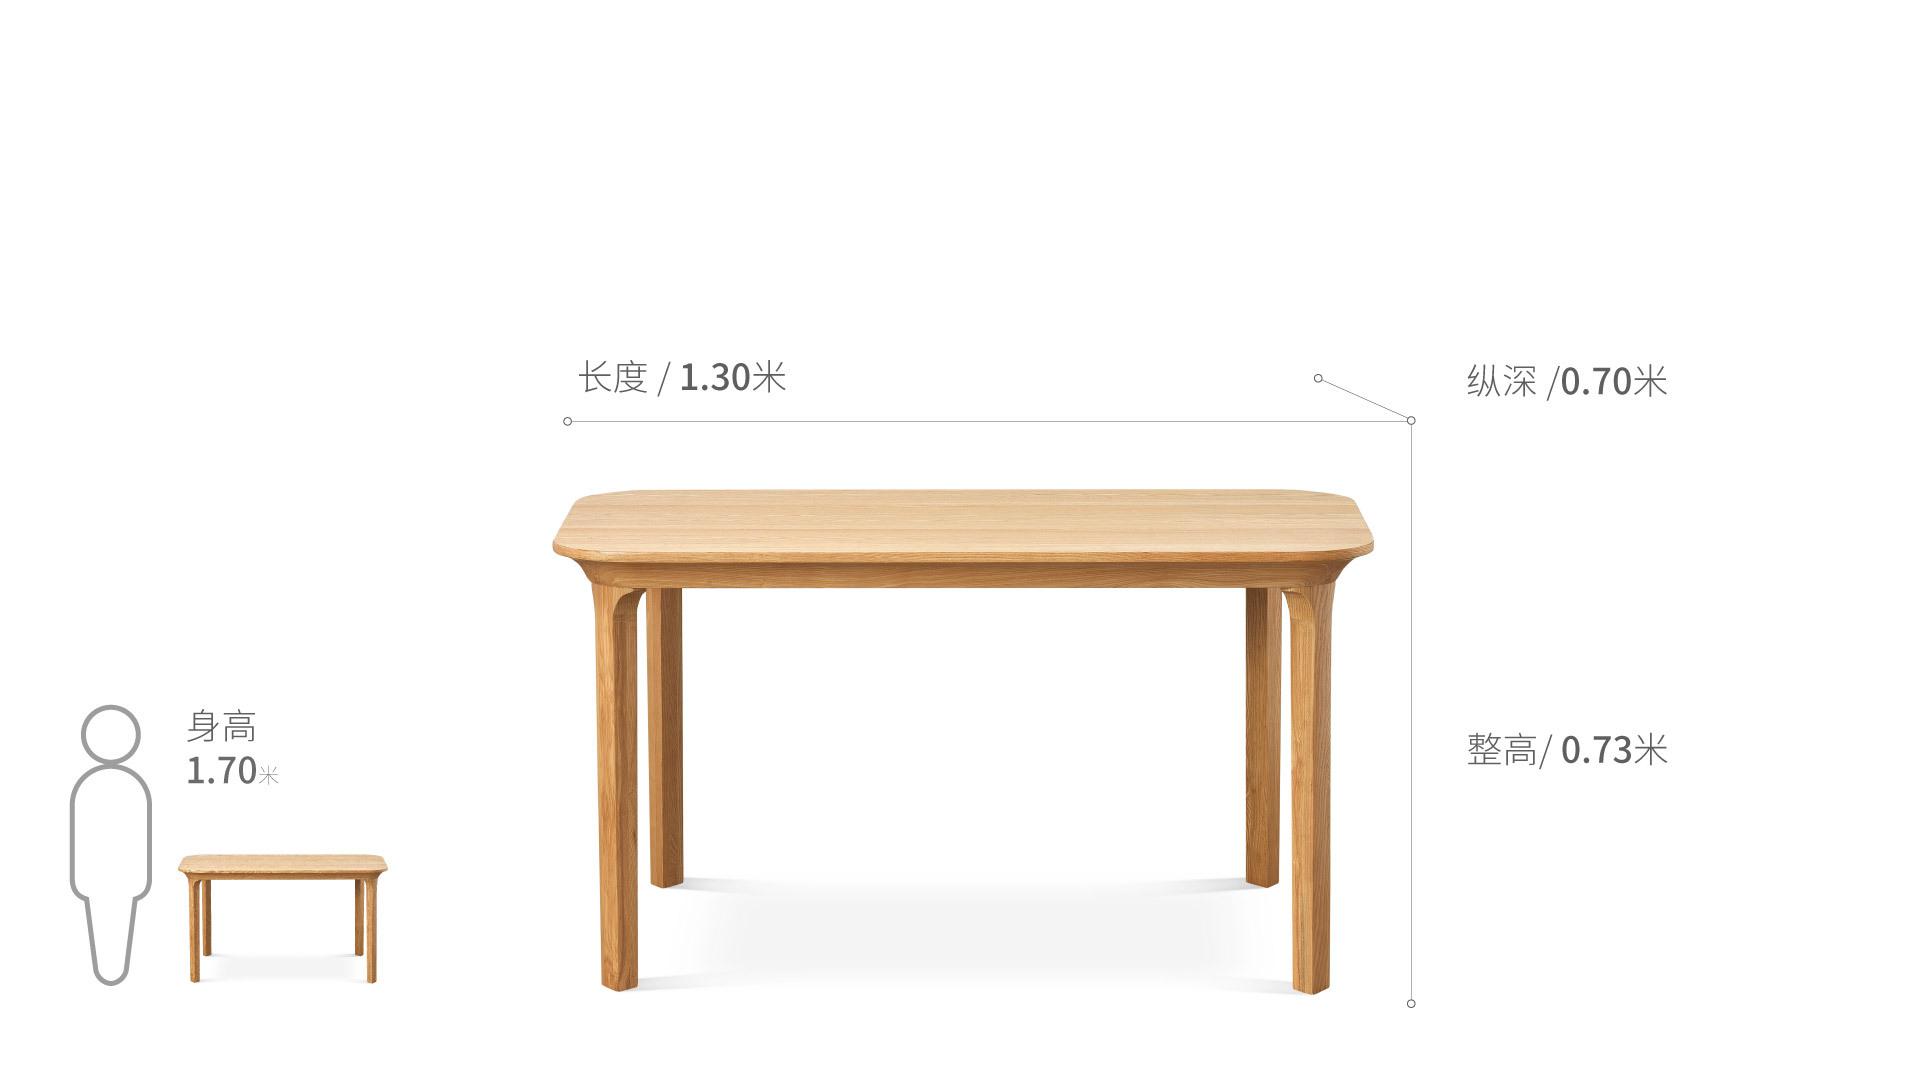 瓦檐餐桌® 0.7/1.3/1.8米1.3米餐桌桌几效果图